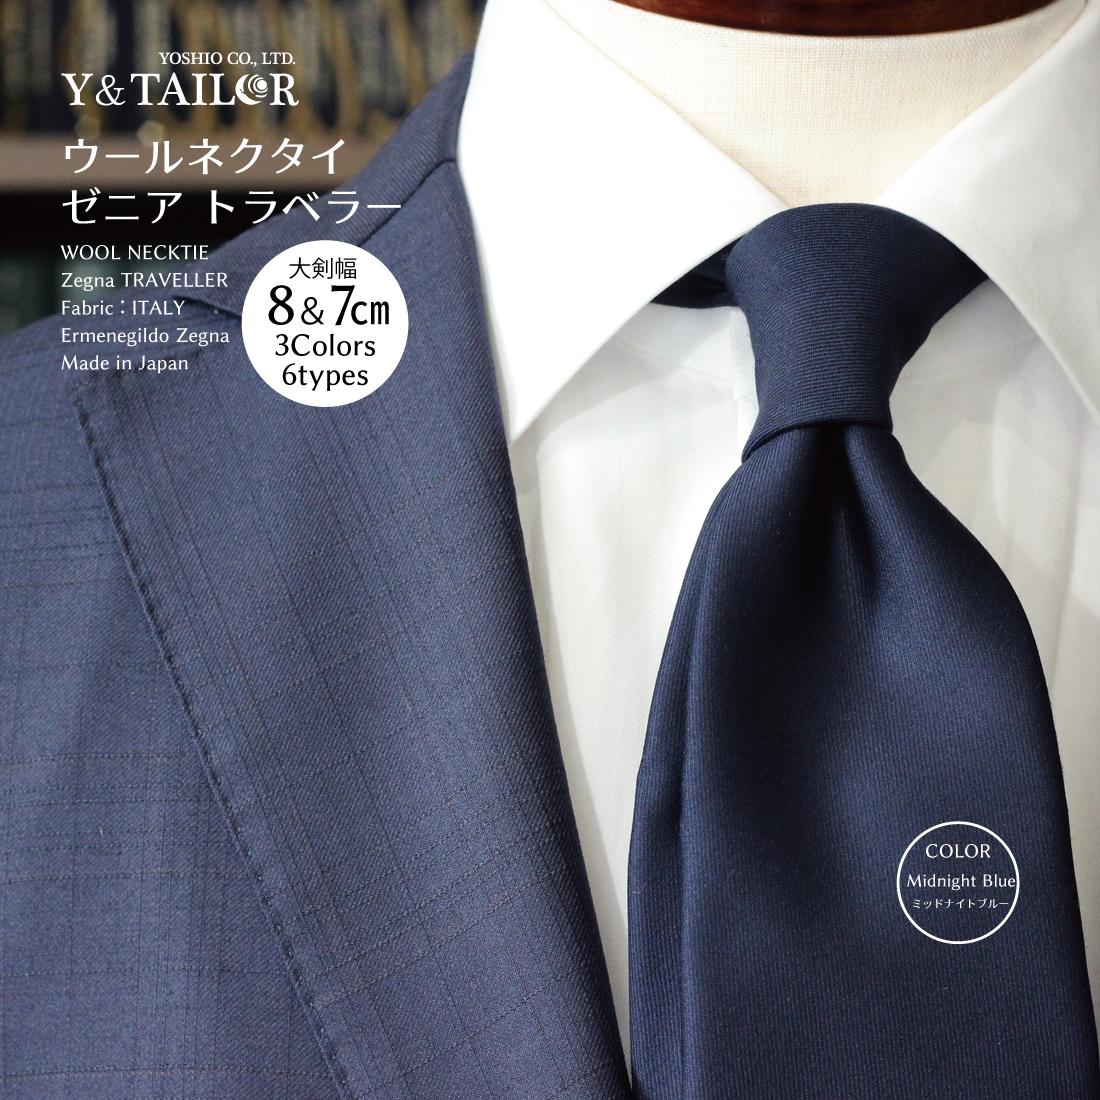 ネクタイ ウール Zegna TRAVELLER ゼニア トラベラー 3colors